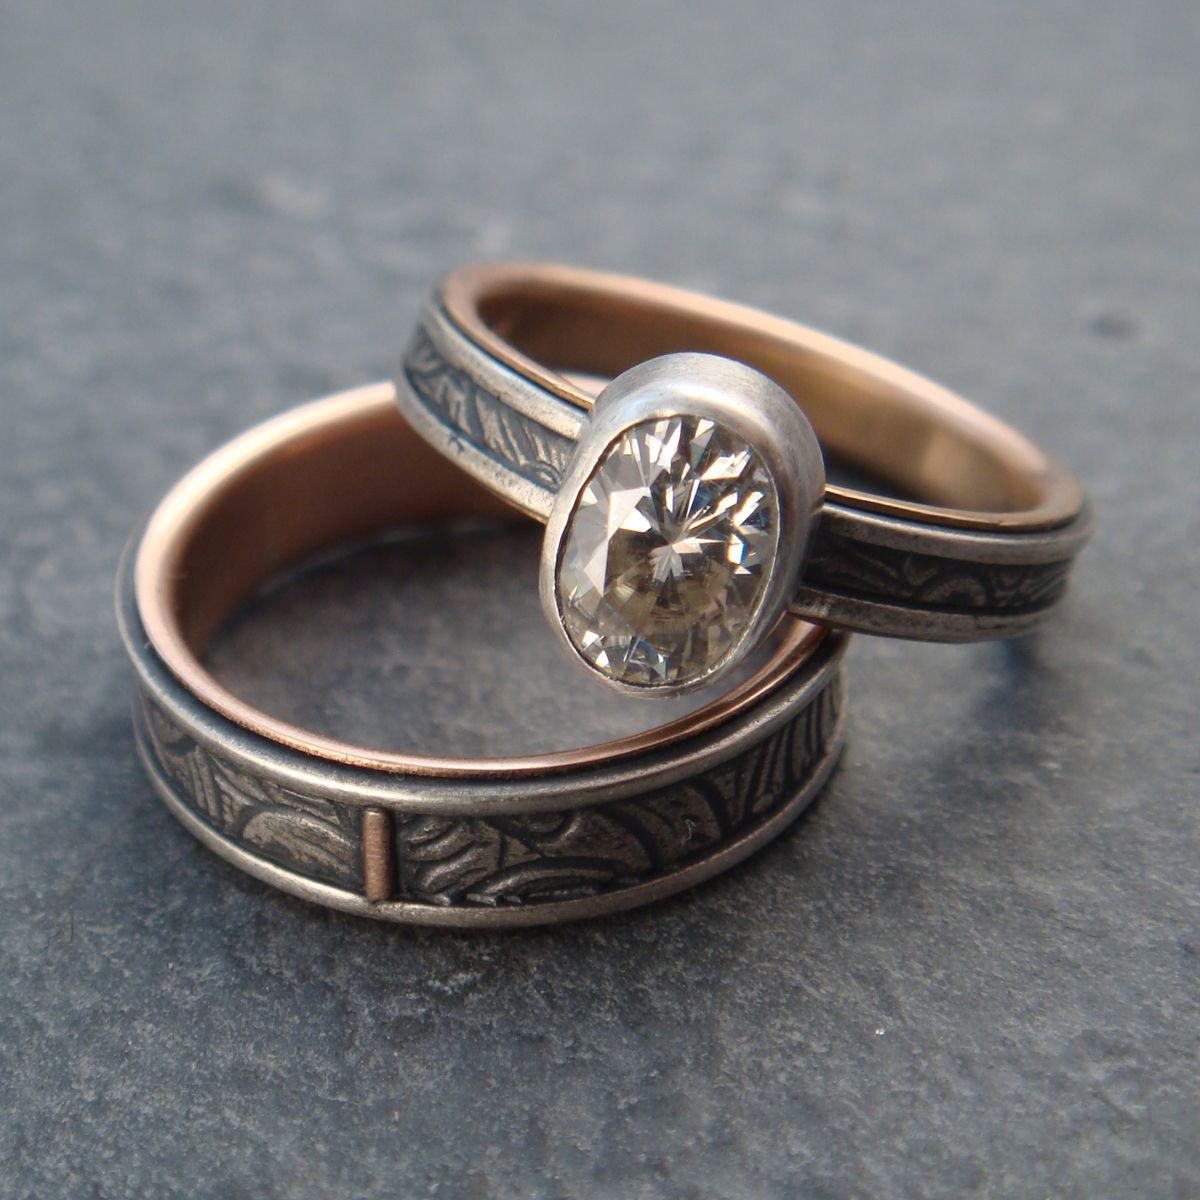 Usual Sunflower Wedding Band Engagement Ring Set